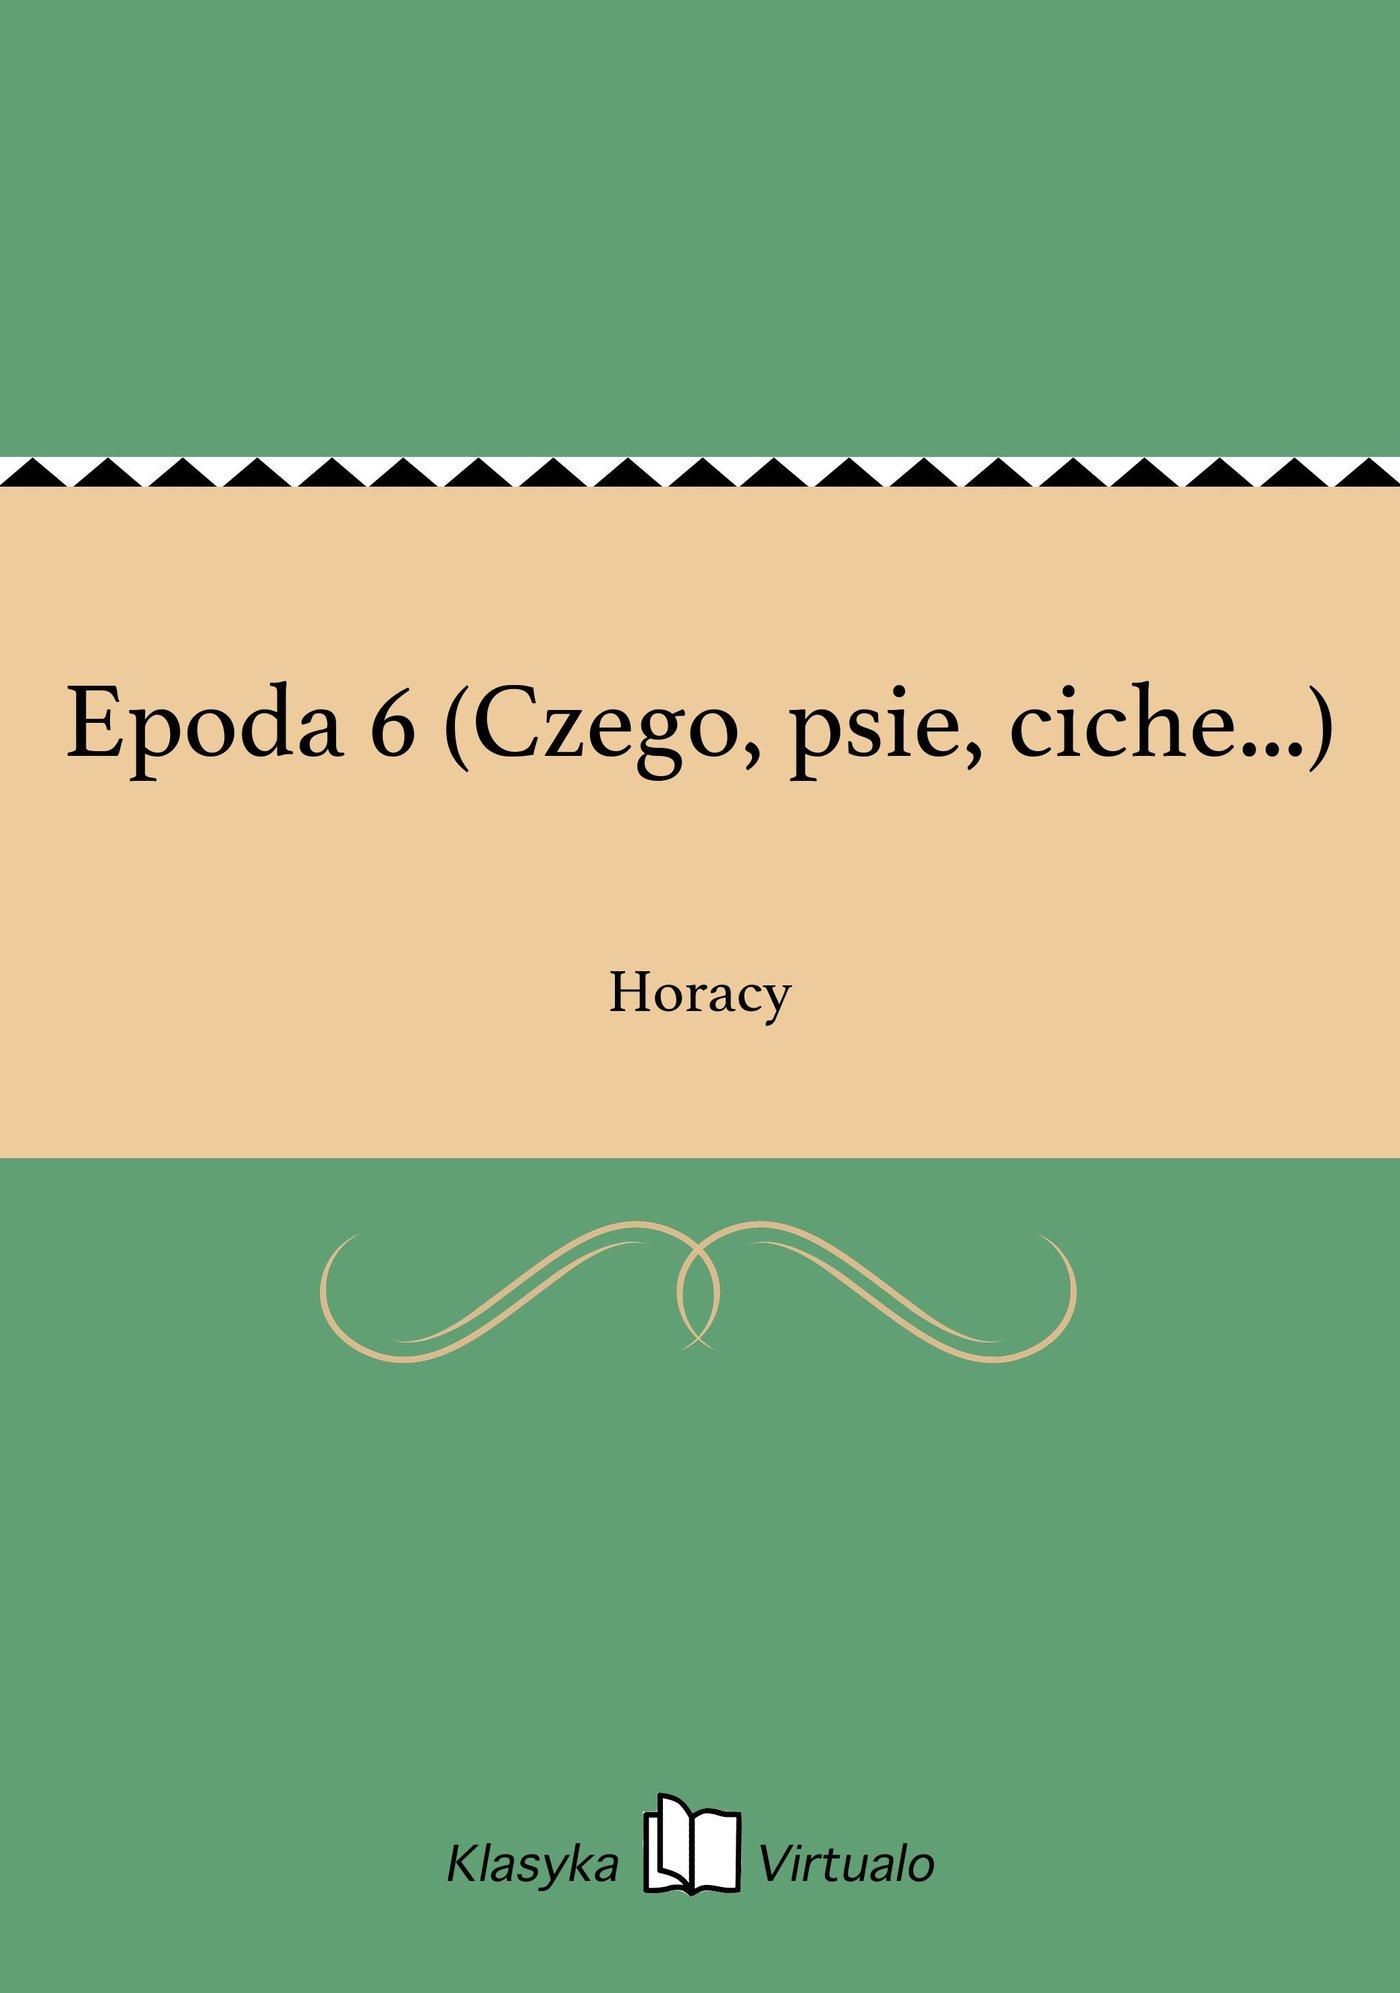 Epoda 6 (Czego, psie, ciche...) - Ebook (Książka EPUB) do pobrania w formacie EPUB